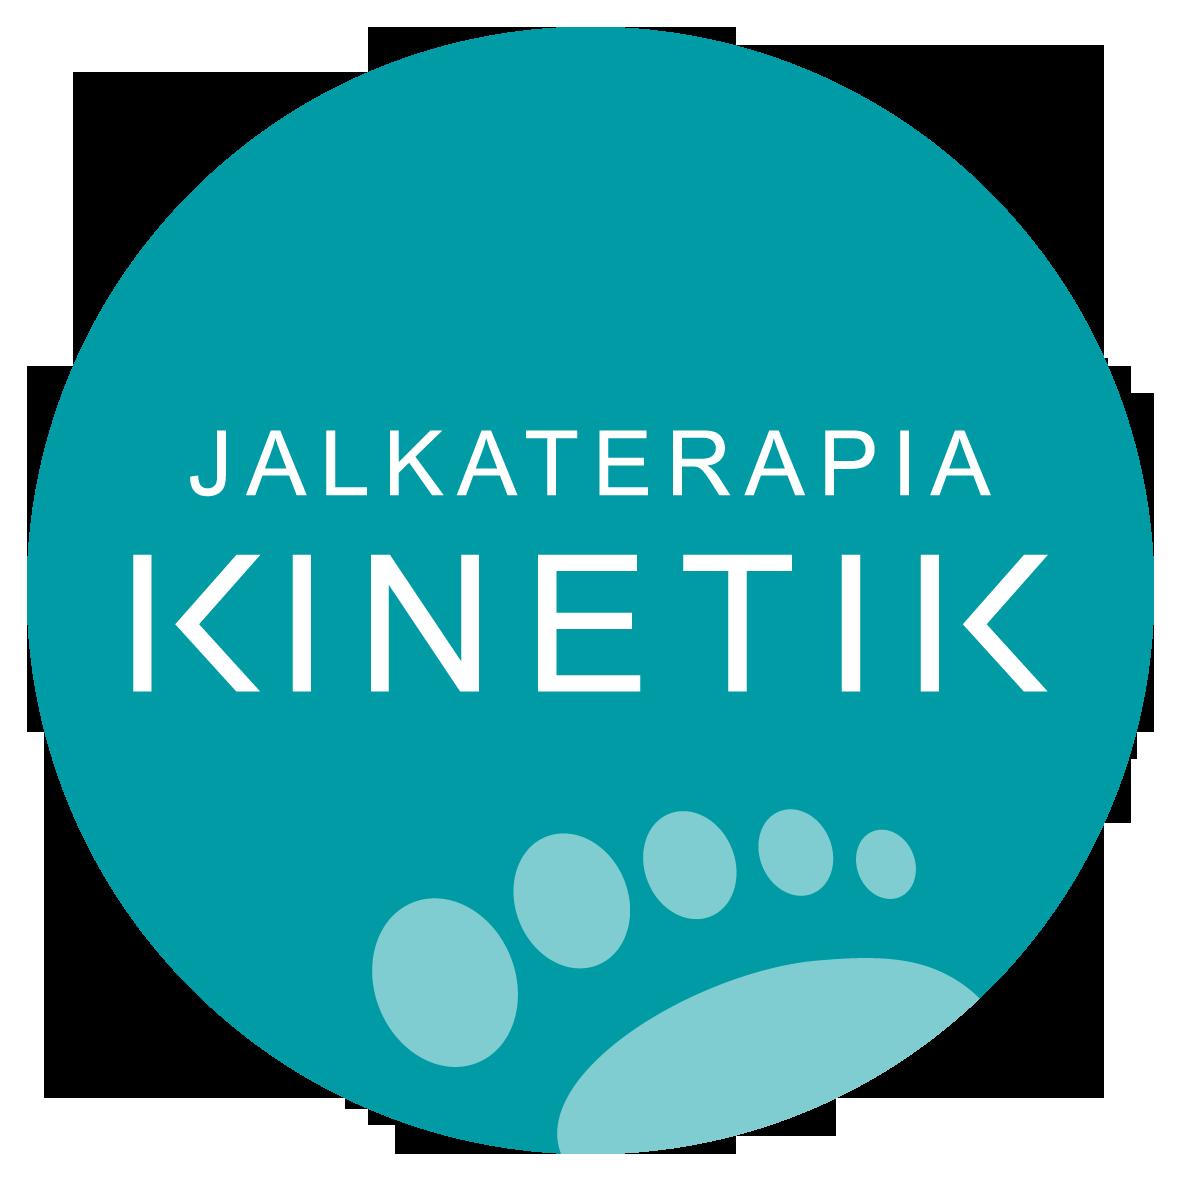 Jalkaterapia Kinetik